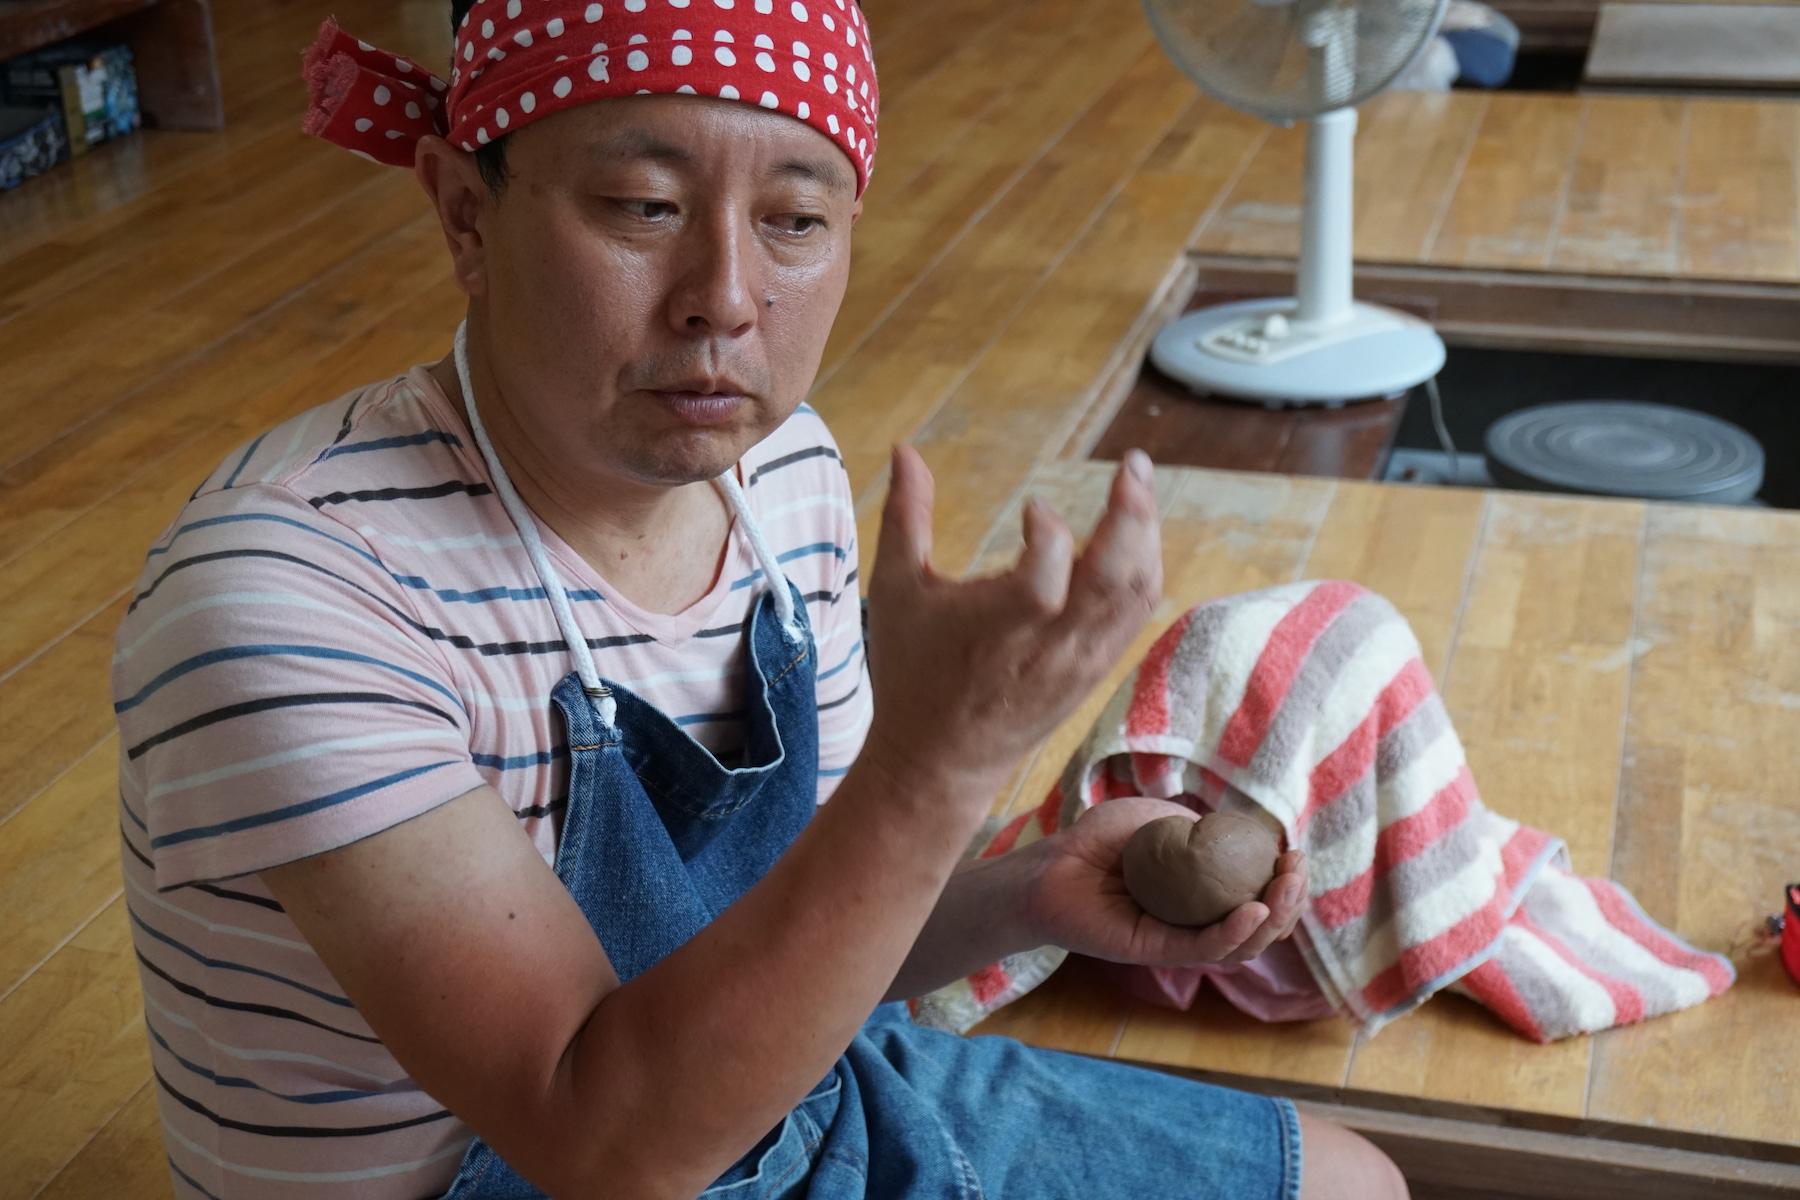 波多野 英生(Hideo Hadano)氏 氏 波多野指月窯 / 1971年に山口県萩市に生まれる。原木から土作りをして、釉薬もワラを燃やすところから作成、調合し、荻の伝統的な登り窯で松の薪を使って焚いている。萩焼の伝統を受けつつ、現代でも使えることをモットーに作陶。